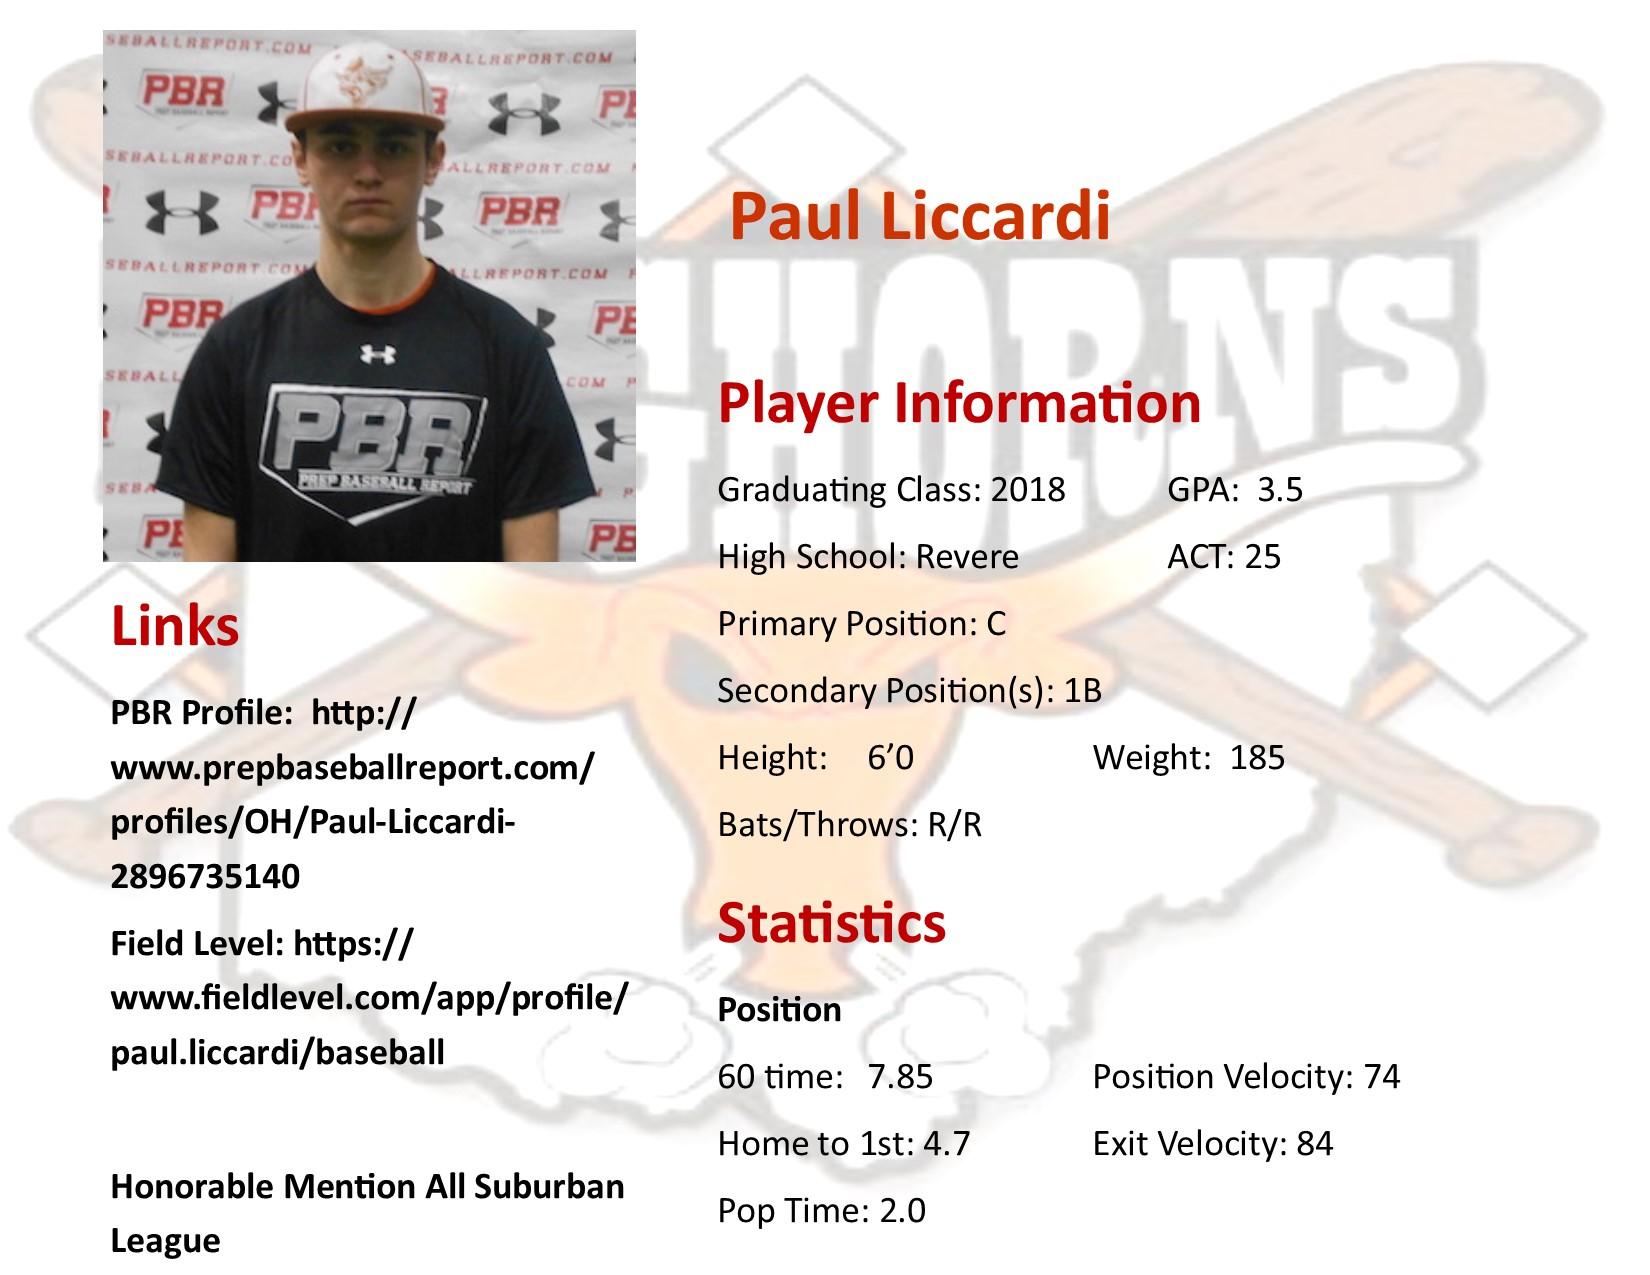 Paul Liccardi